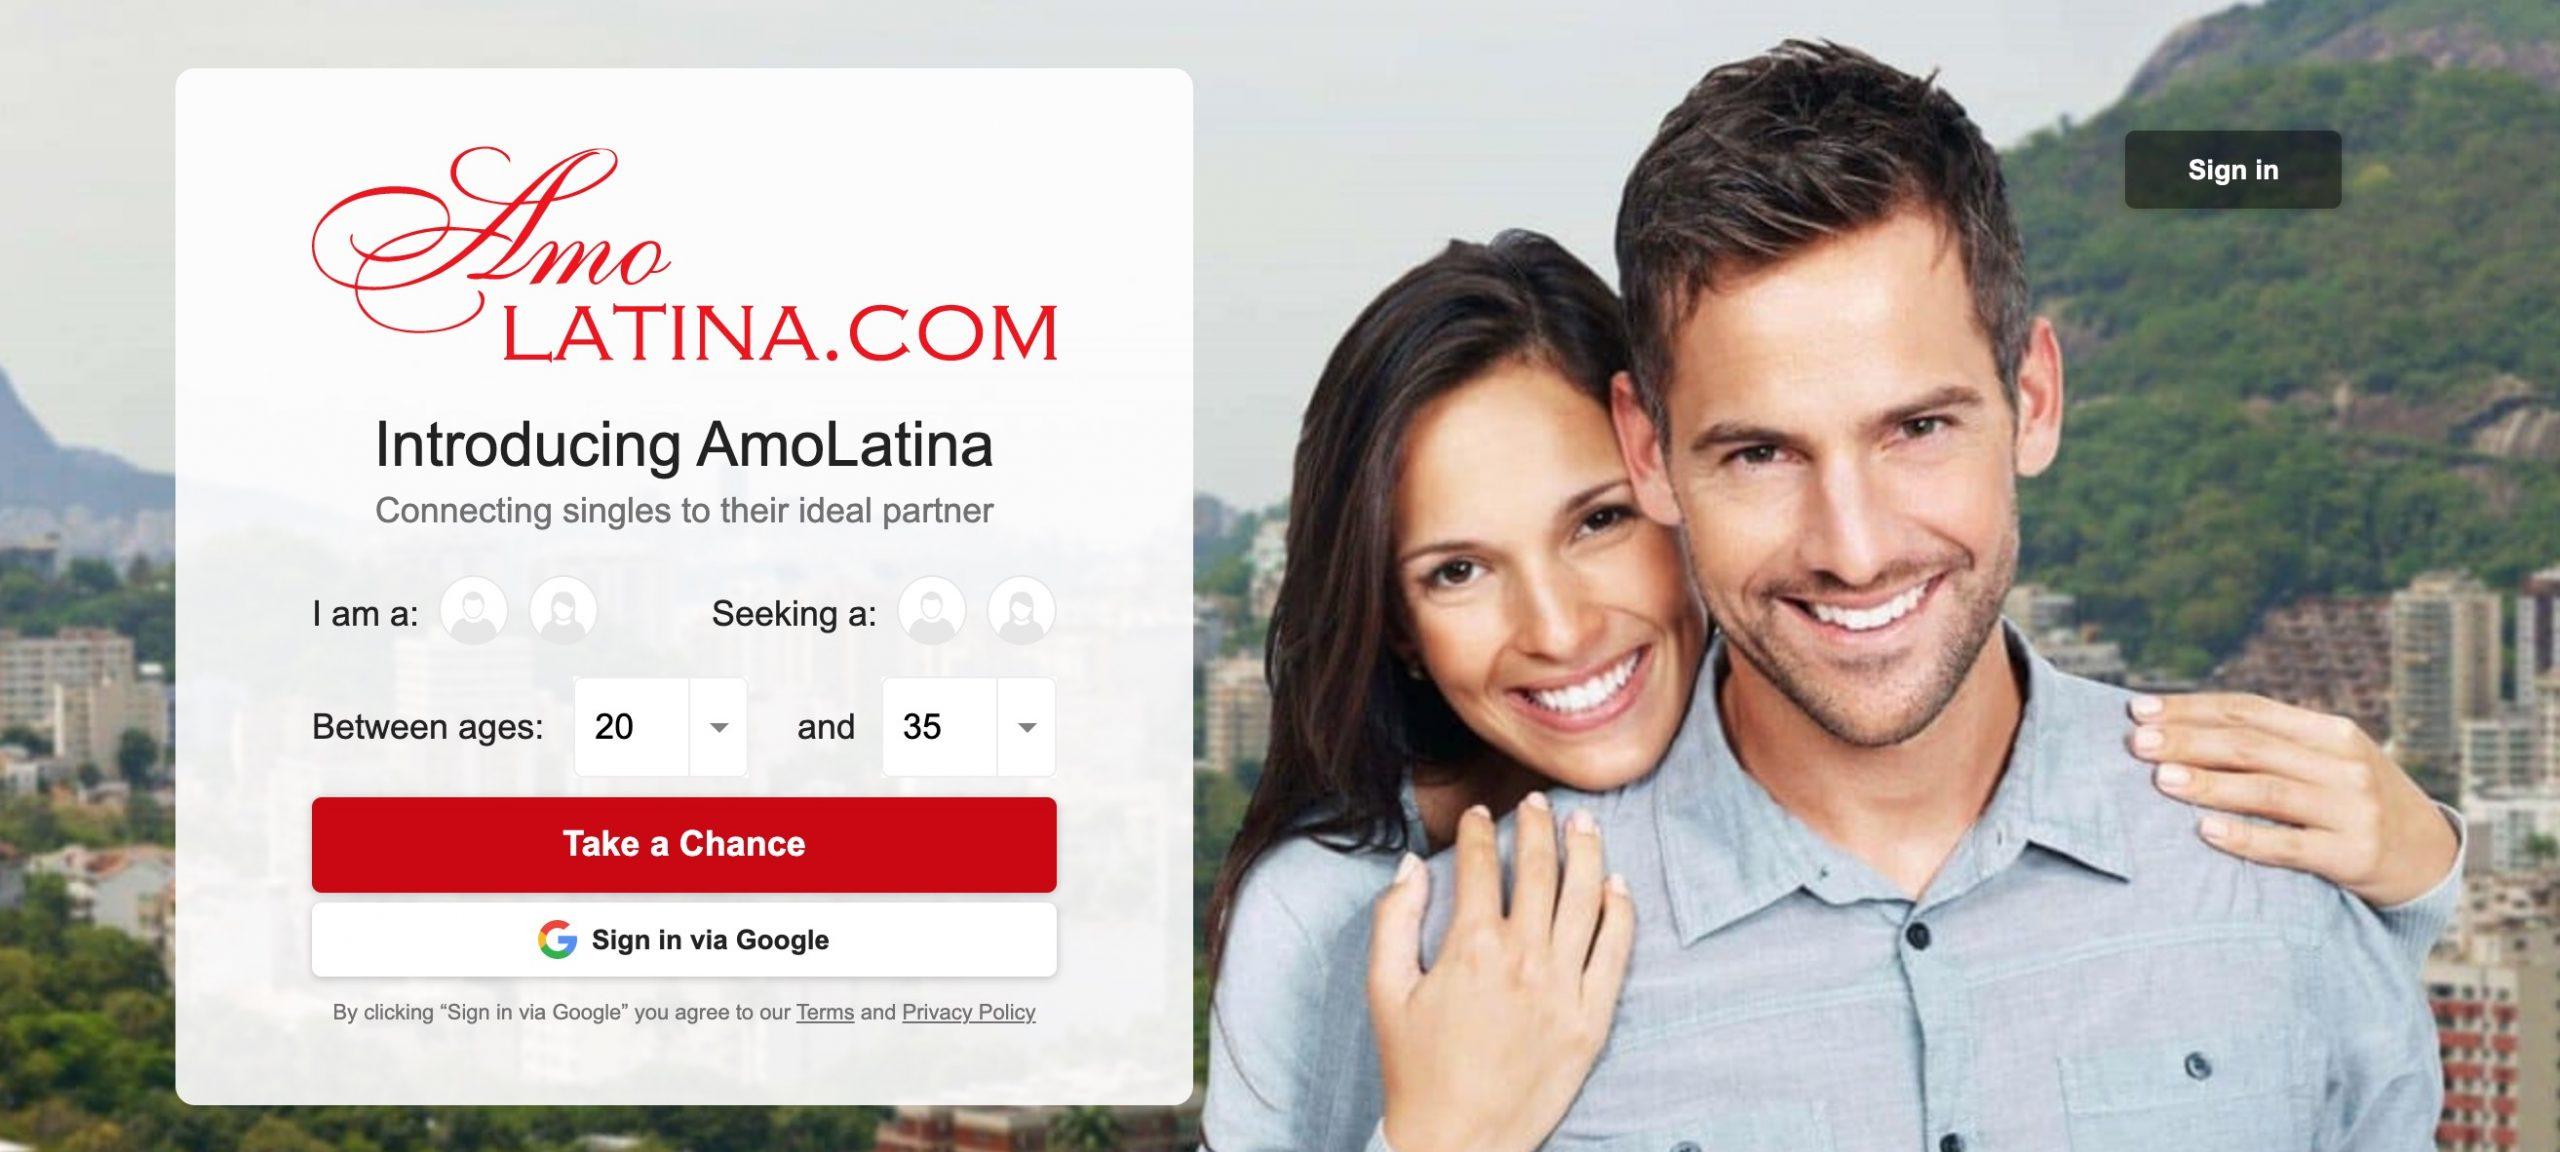 AmoLatina main page